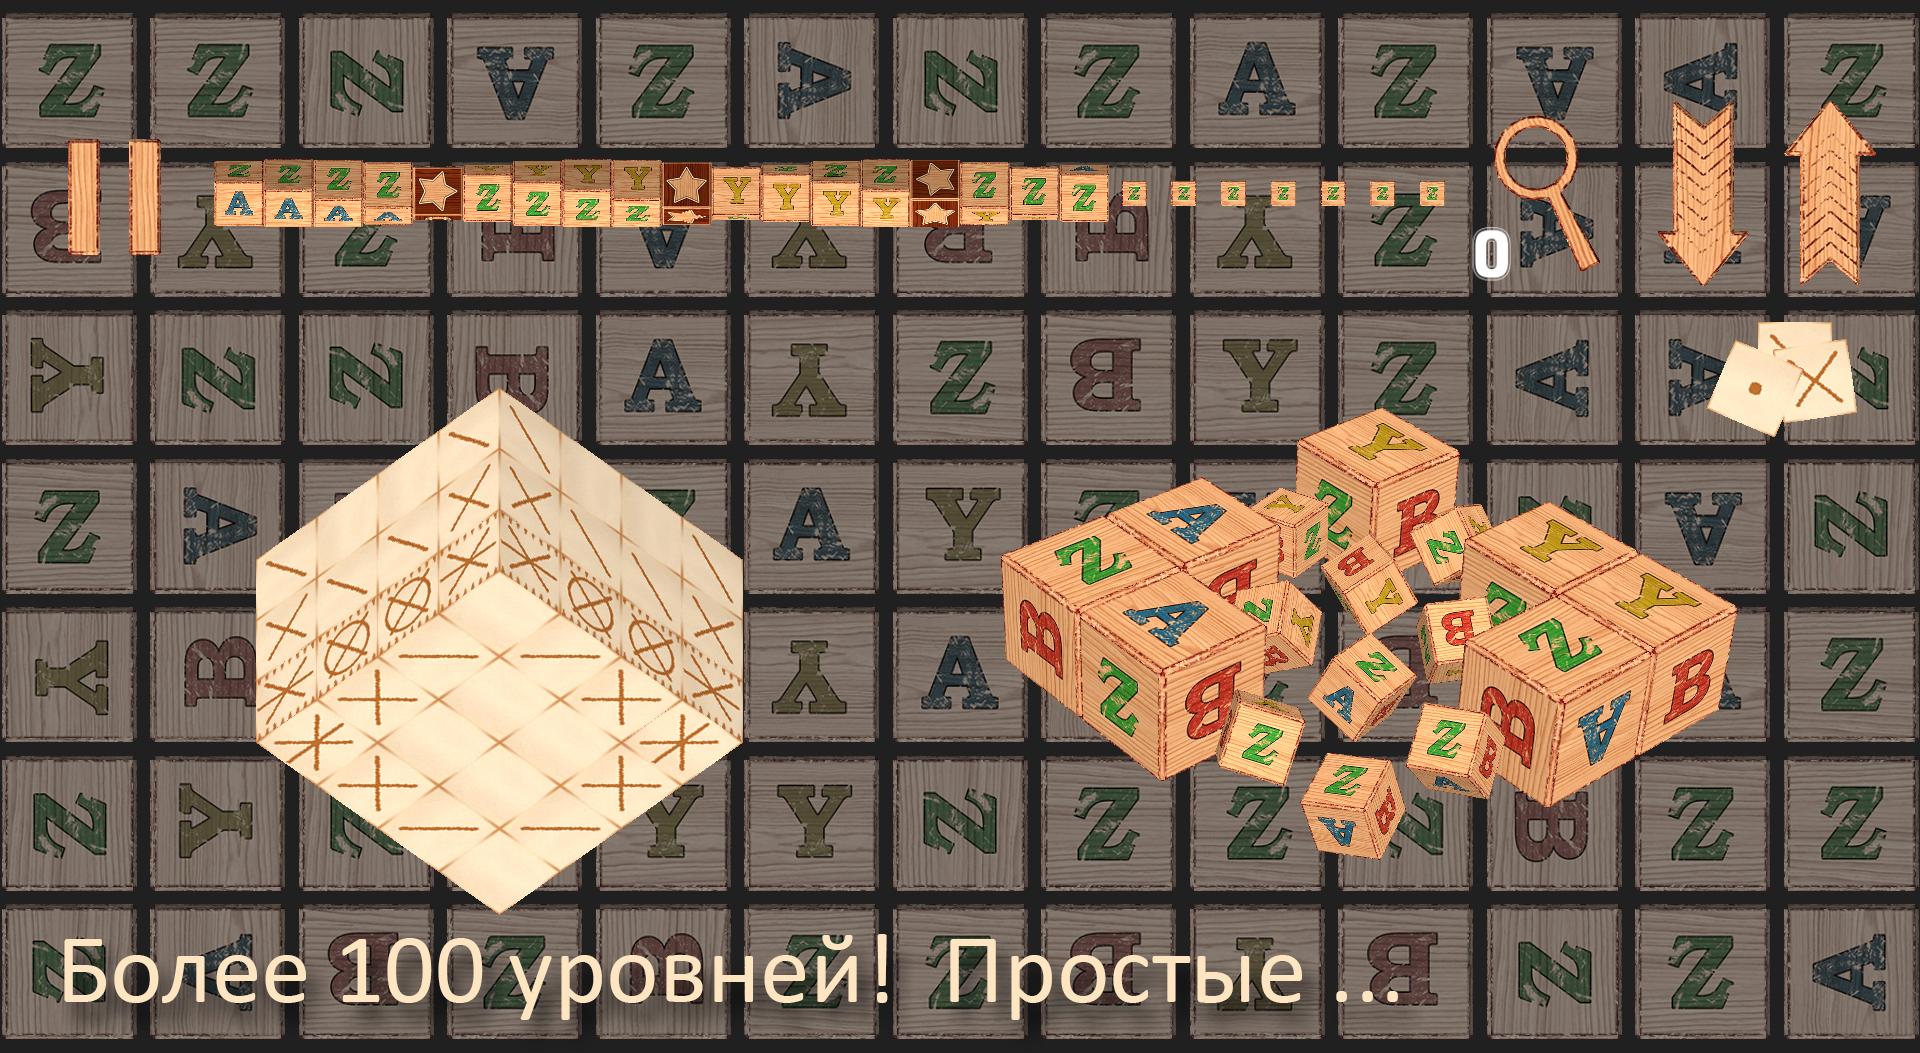 CubiqueScreenshot3